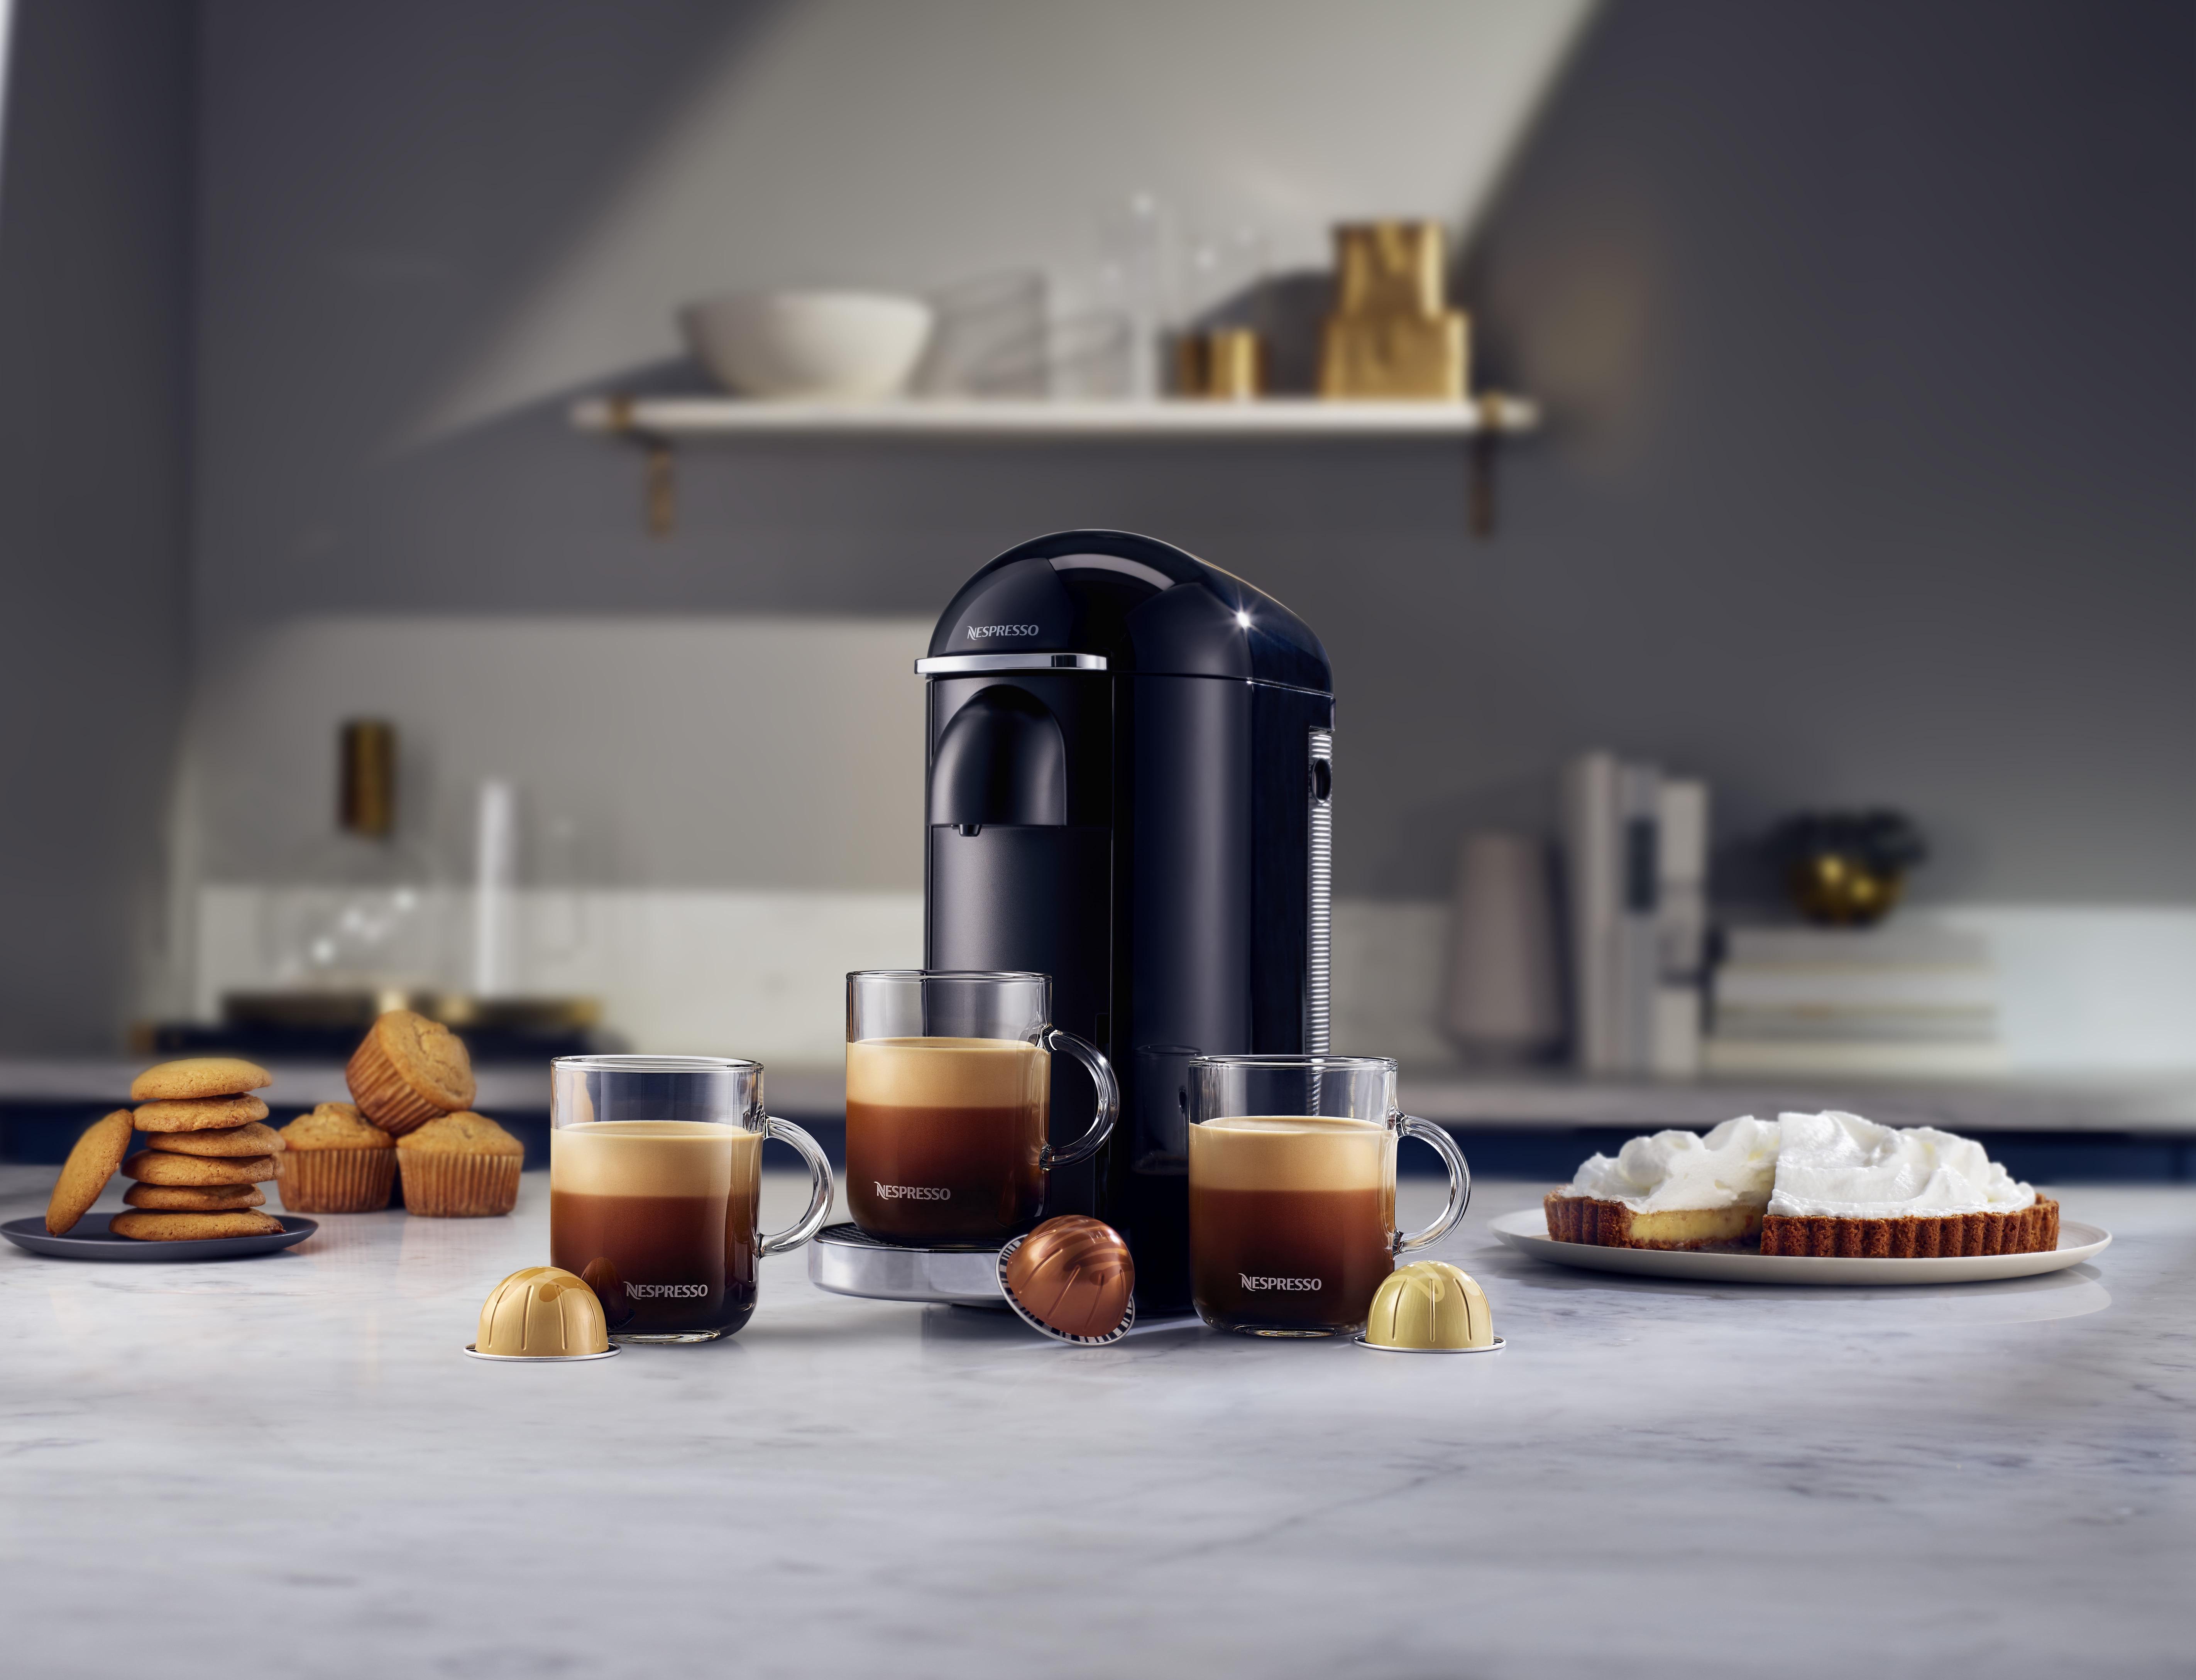 Nespresso выпустил коллекцию кофе по мотивам итальянских десертов